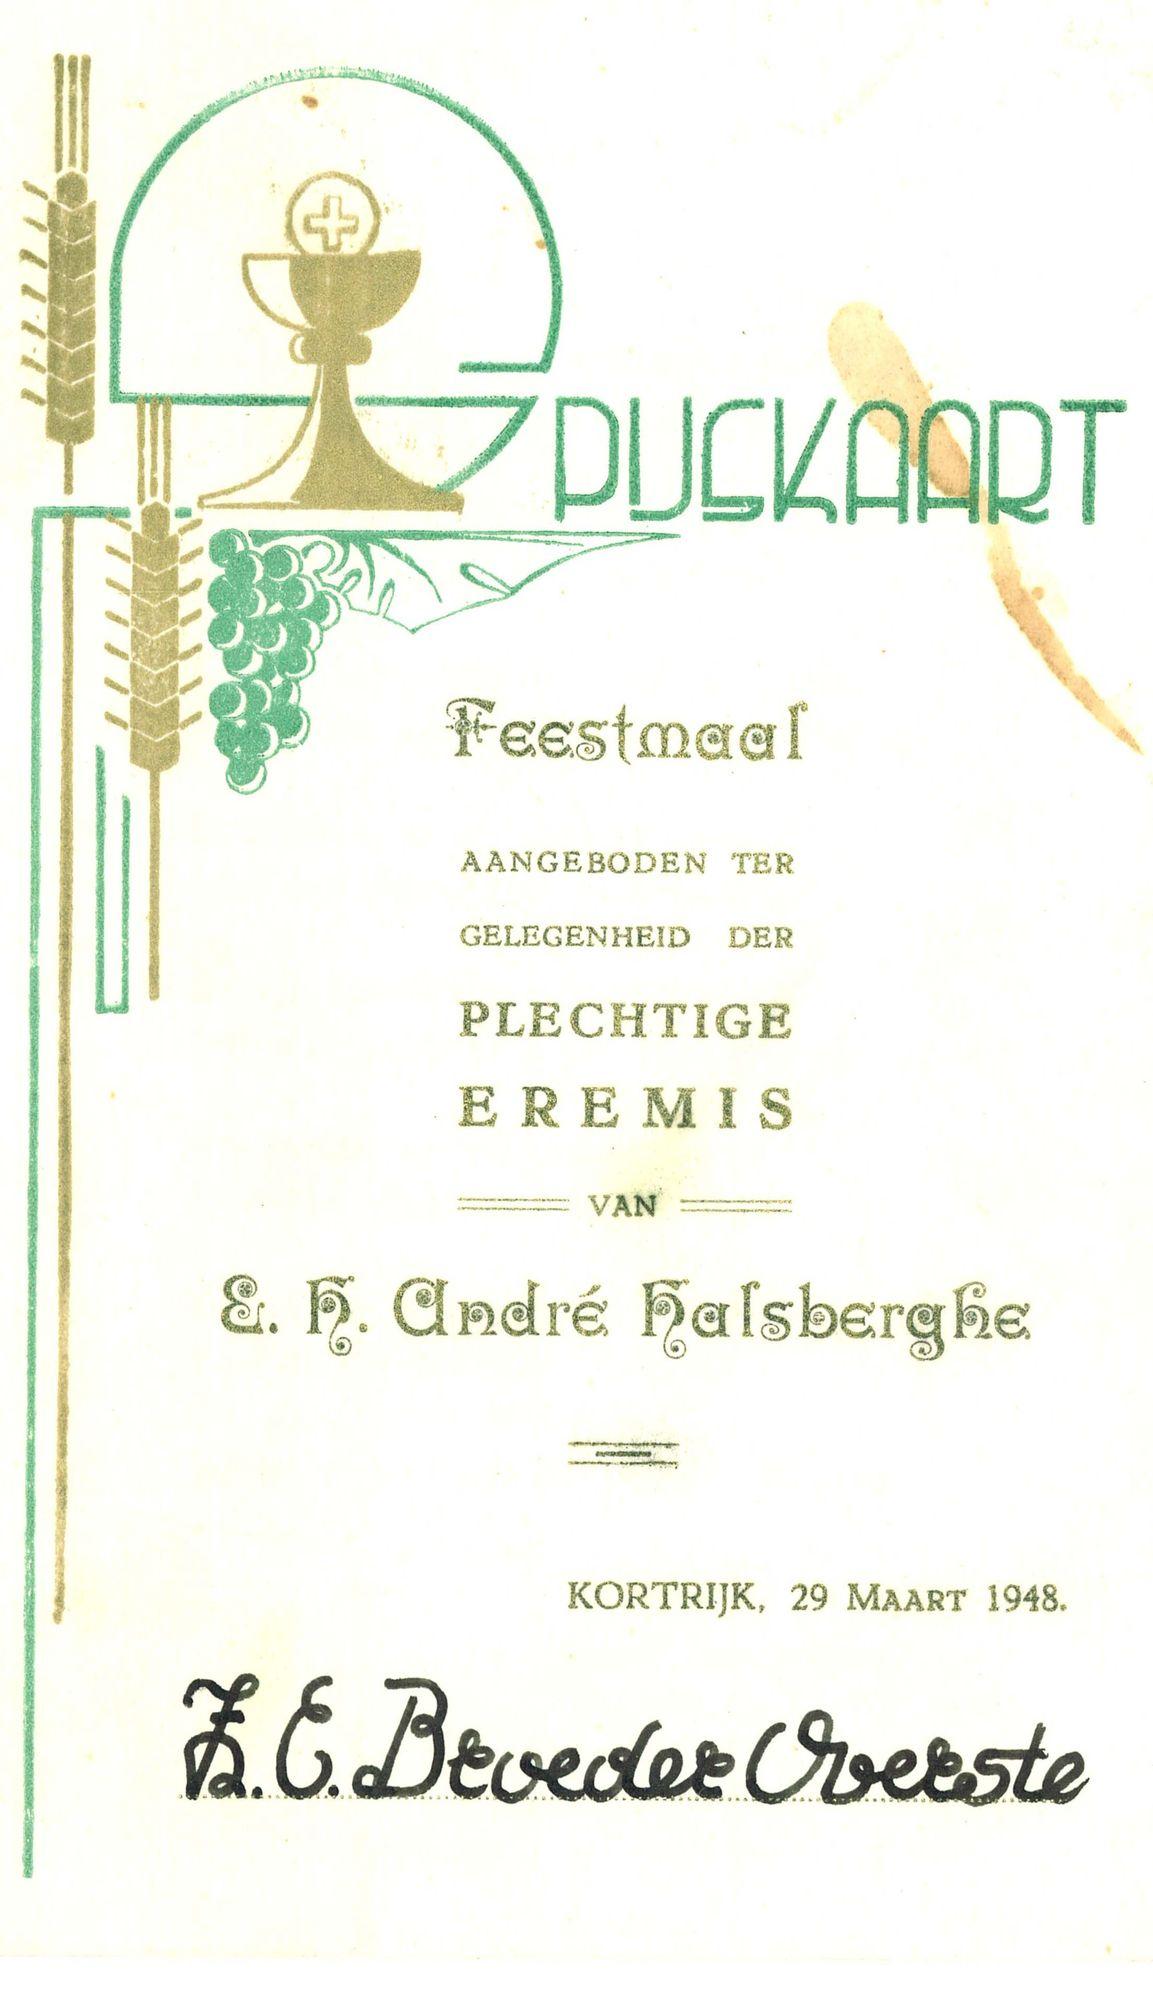 Spijskaart voor de eremis van E.H. André Halsberghe